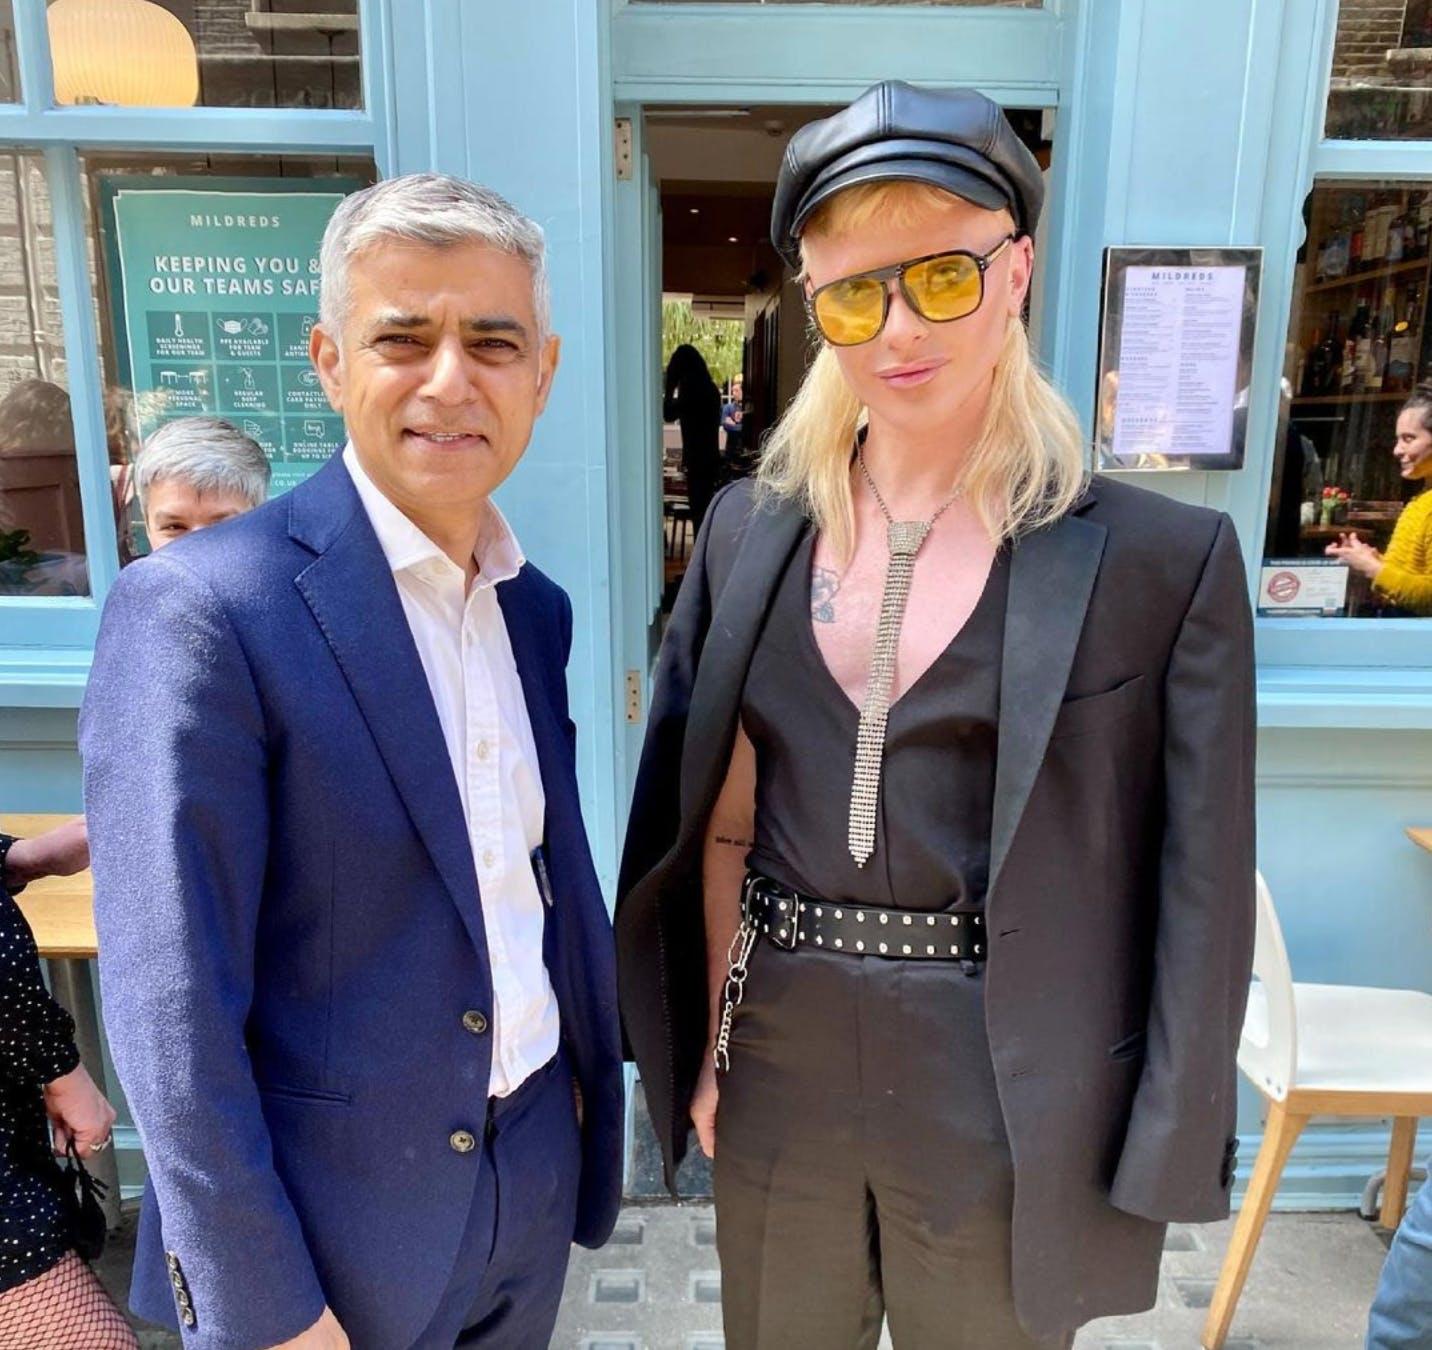 bimini and sadiq outside a cafe